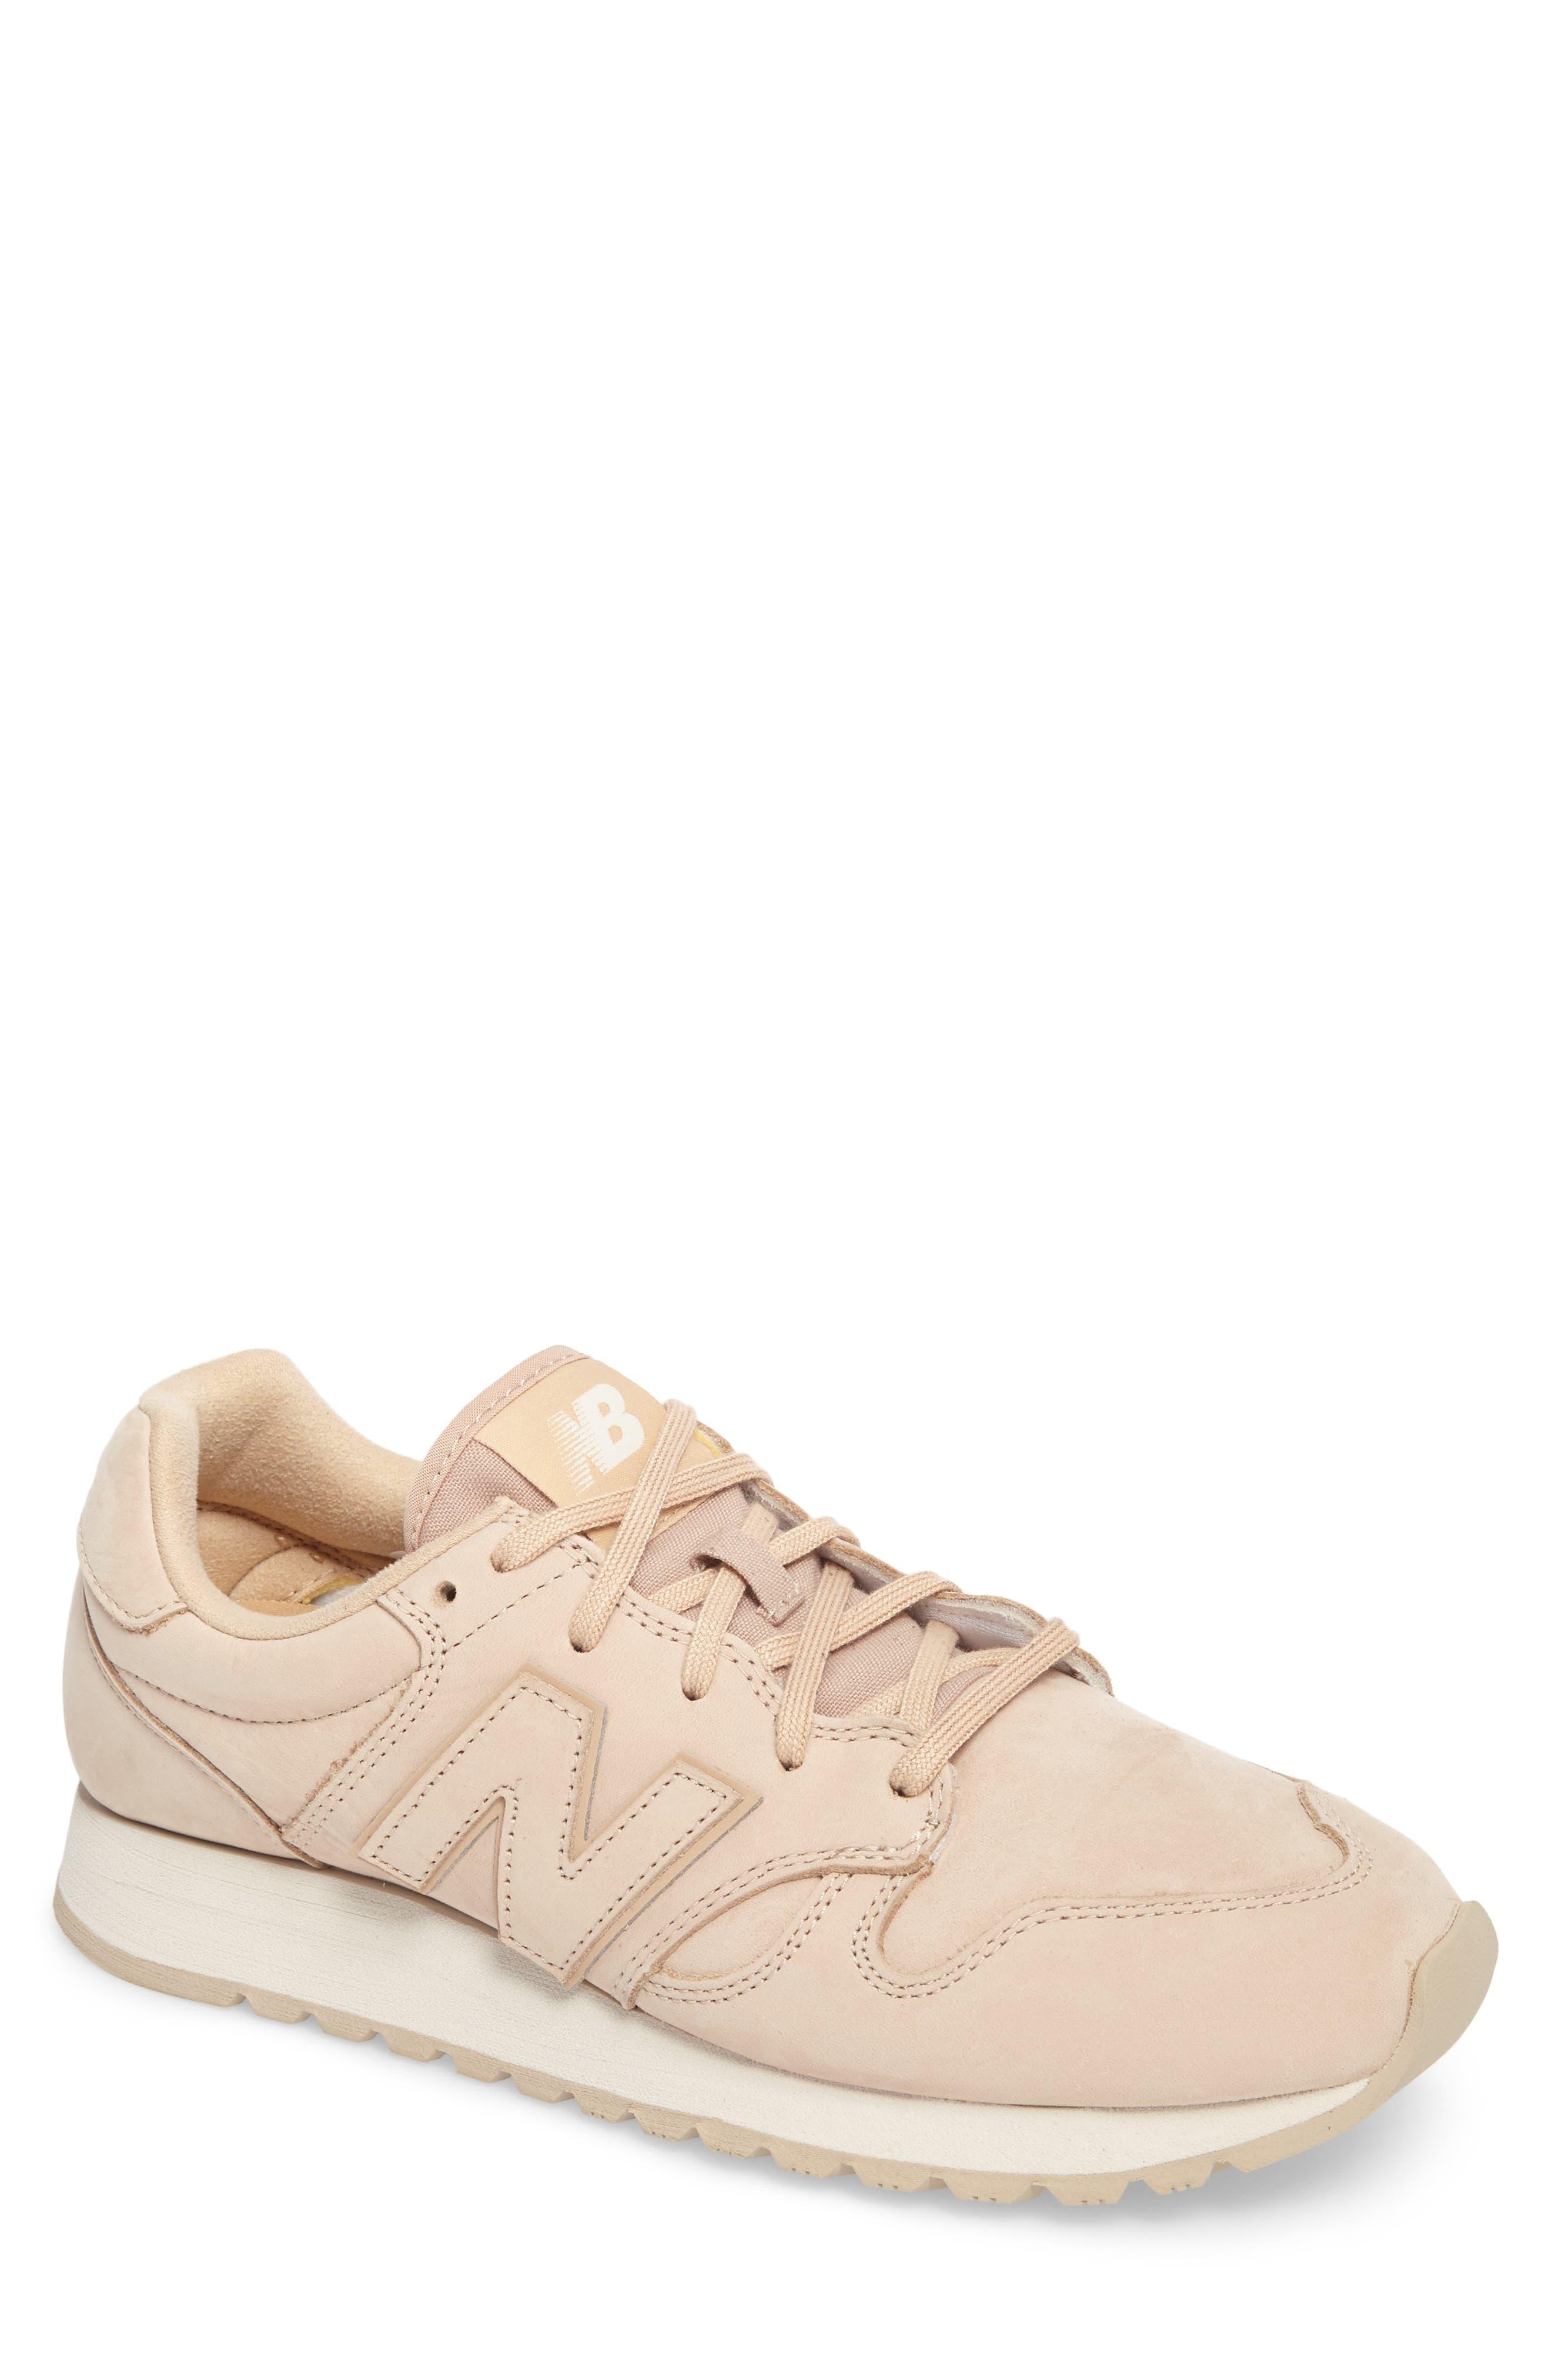 U520 Trainer Sneaker,                             Main thumbnail 2, color,